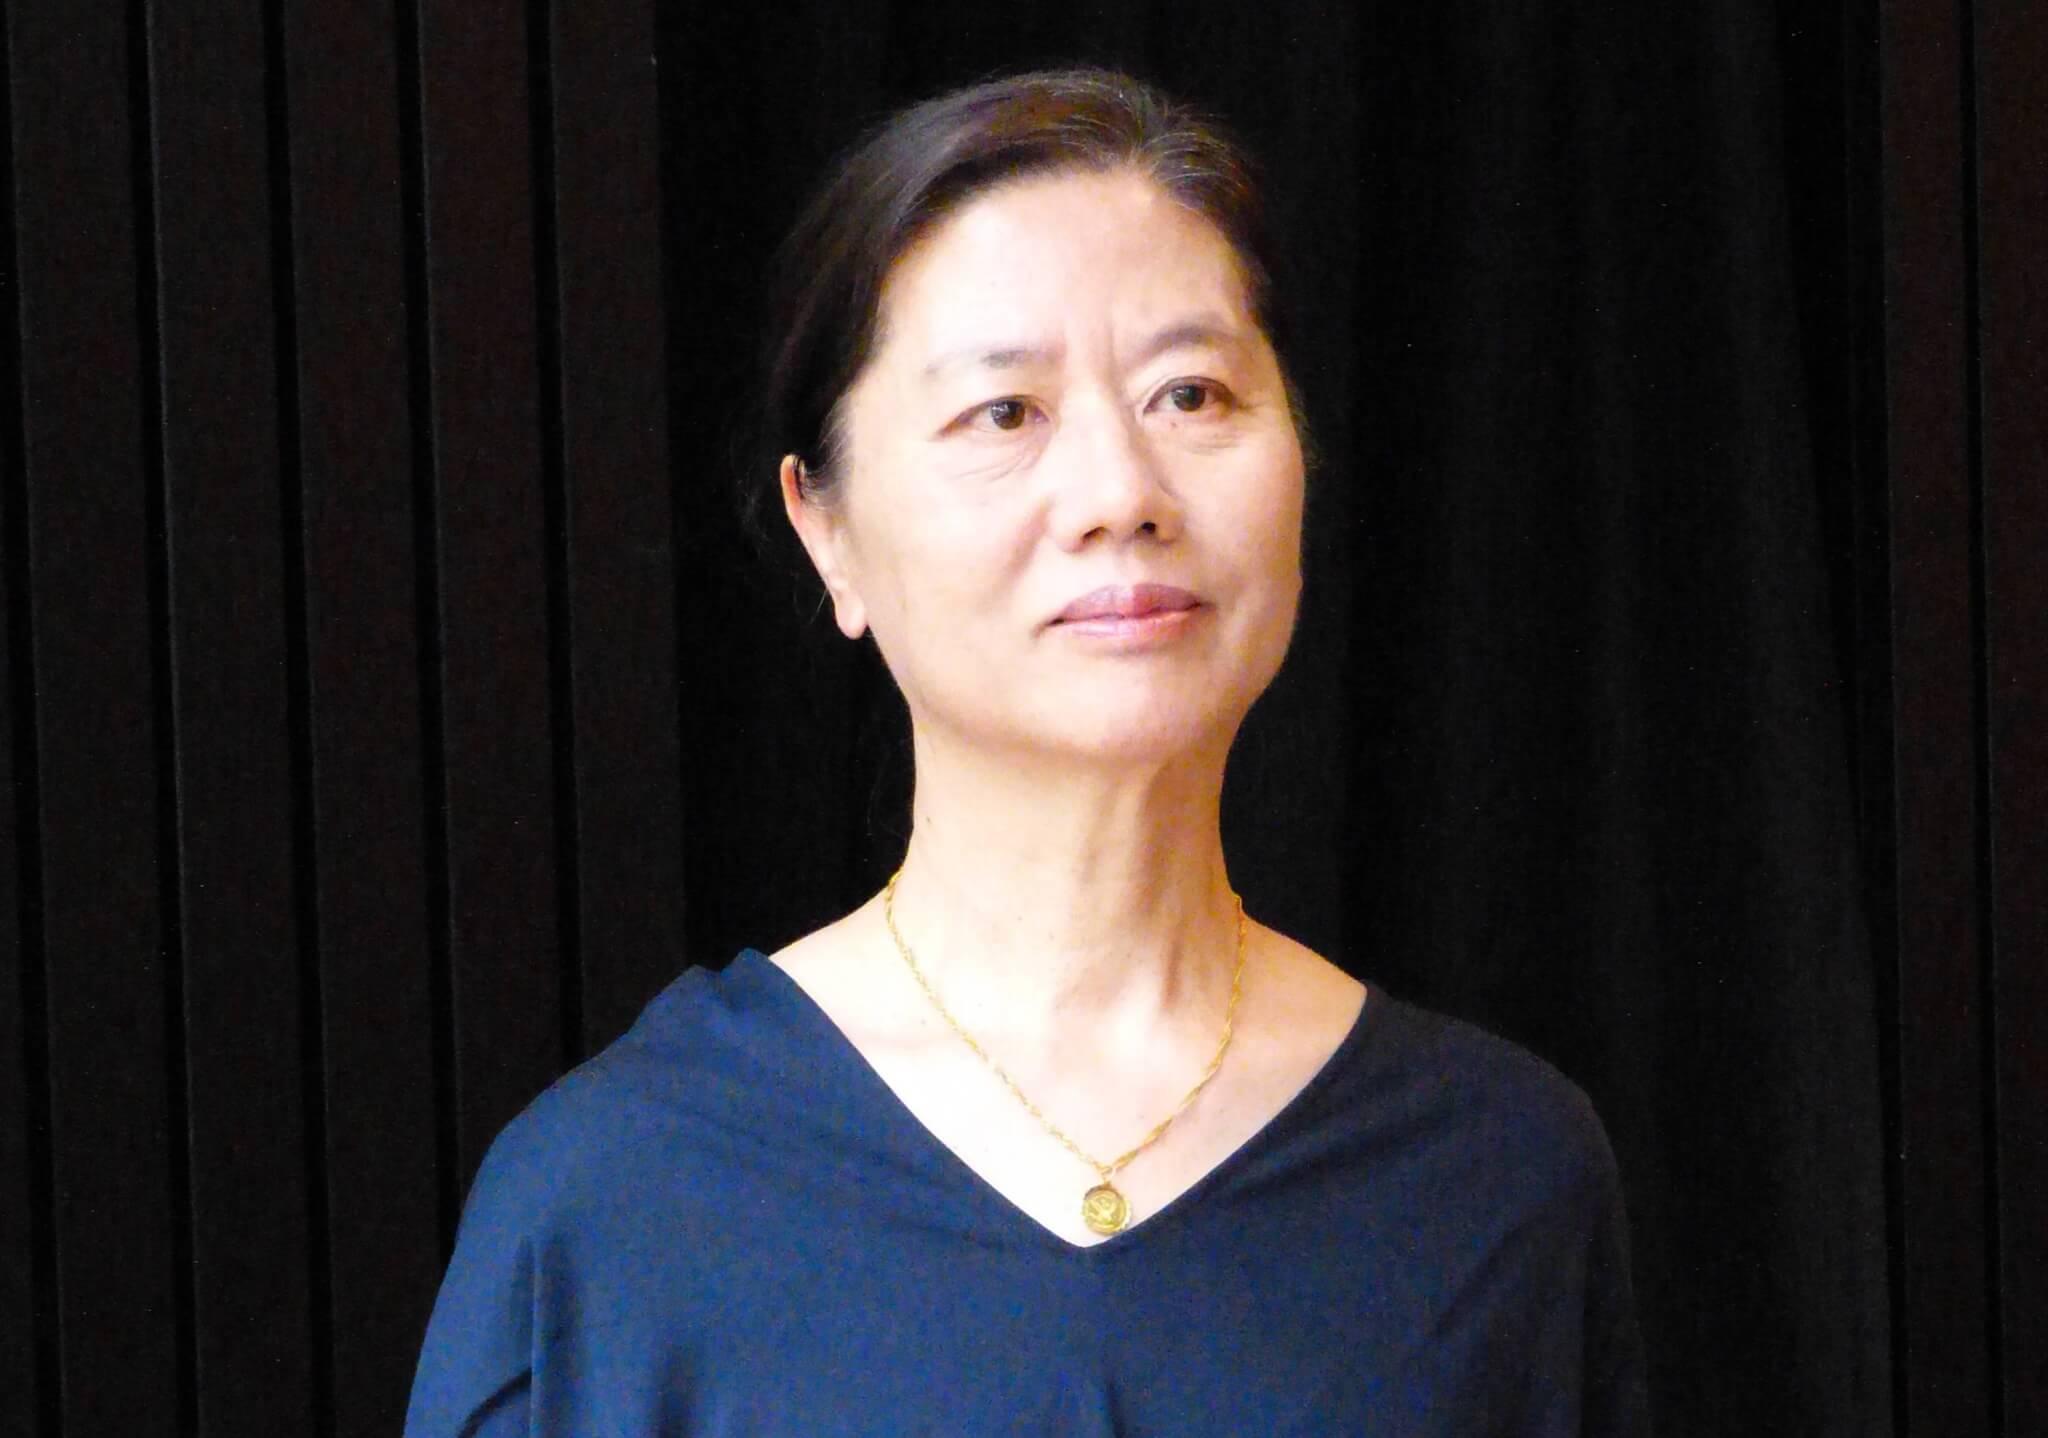 王安憶為中國著名當代作家,代表作有長篇小說《長恨歌》。她今次受許鞍華邀請,改編張愛玲的《第一爐香》,坦言既吸引,又有挑戰。